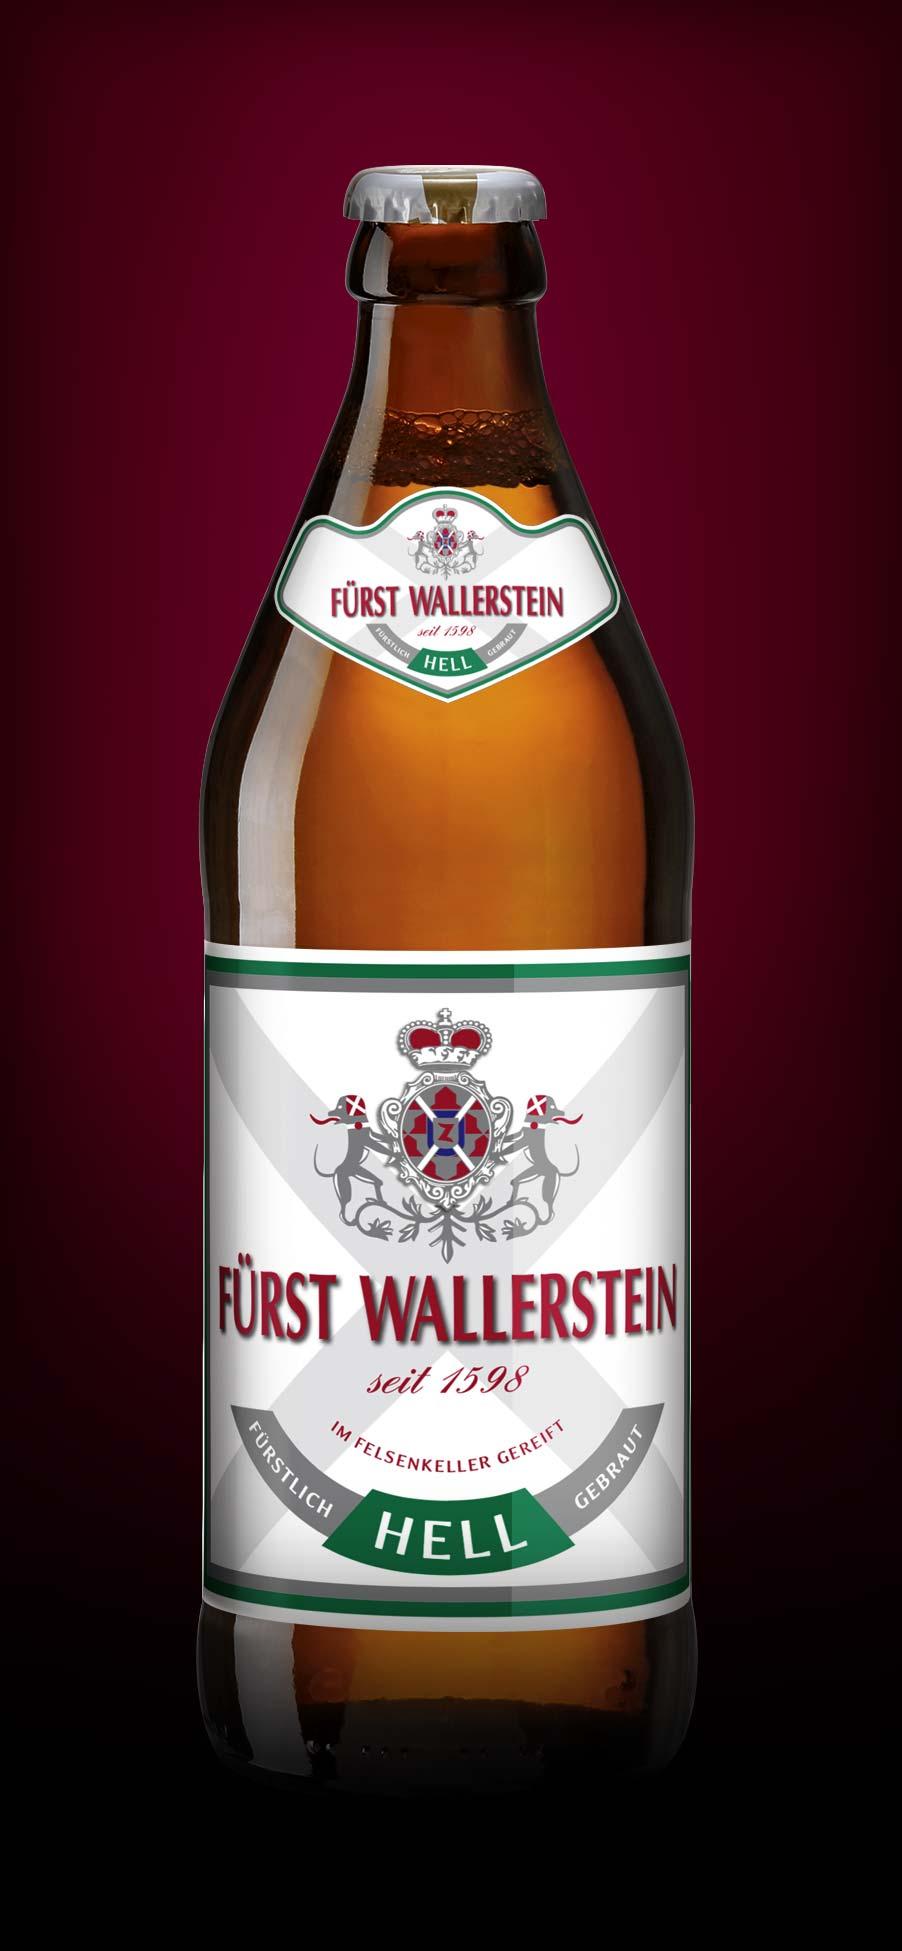 180430 spezial biere shop hell f rst wallerstein brauhaus. Black Bedroom Furniture Sets. Home Design Ideas